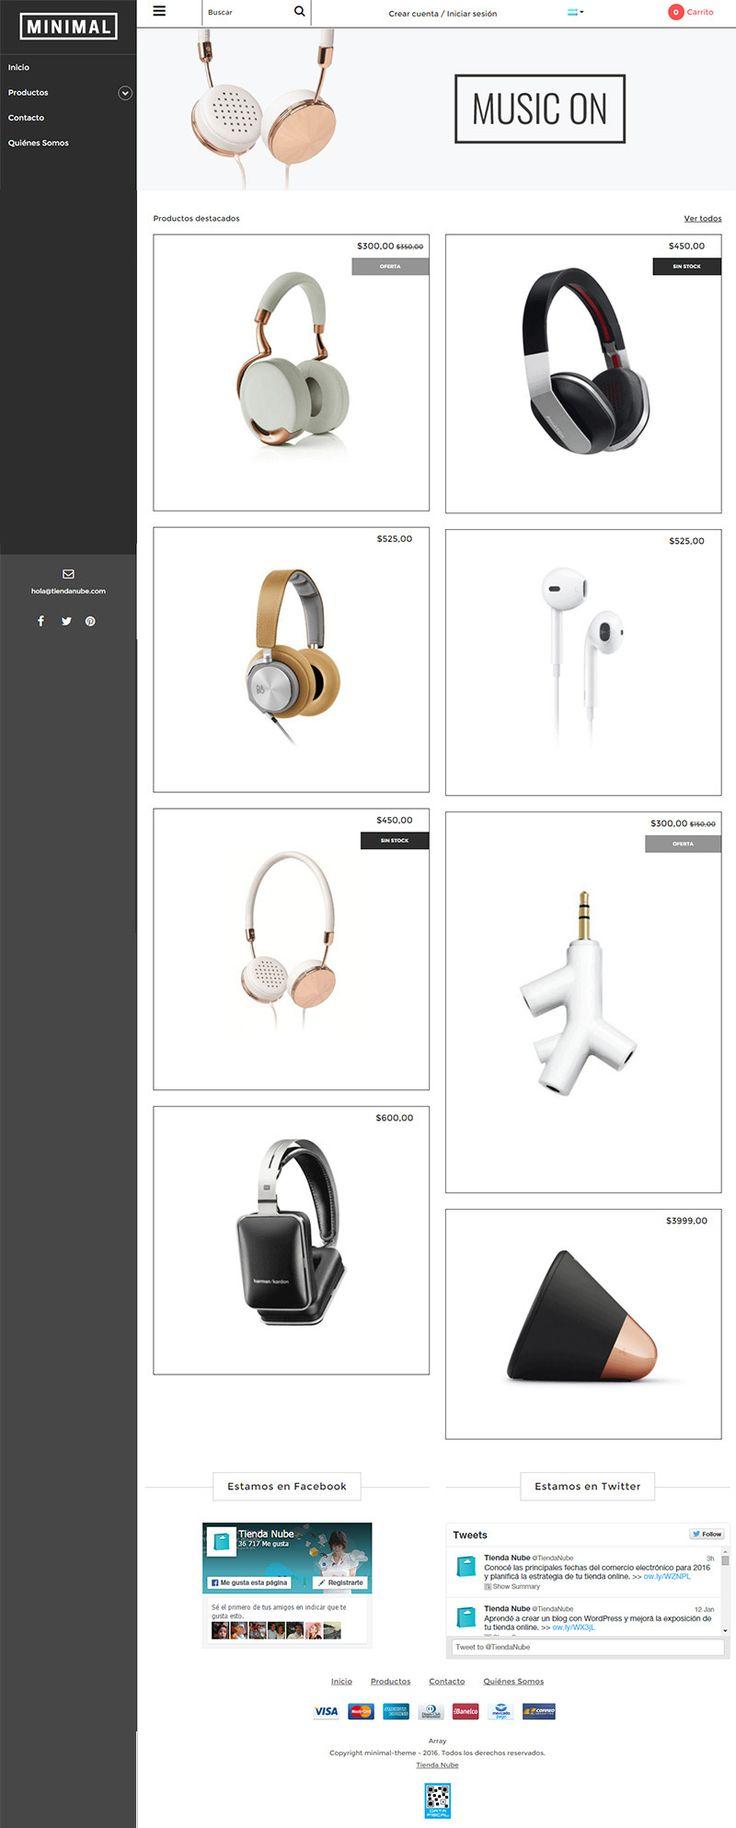 #DiseñosNube: Minimal es un diseño oficial de Tienda Nube. Su estilo sencillo y elegante permite destacar los productos de forma atractiva mediante una grilla configurable. Además, posee una barra lateral que agiliza la navegación y puede ocultarse.